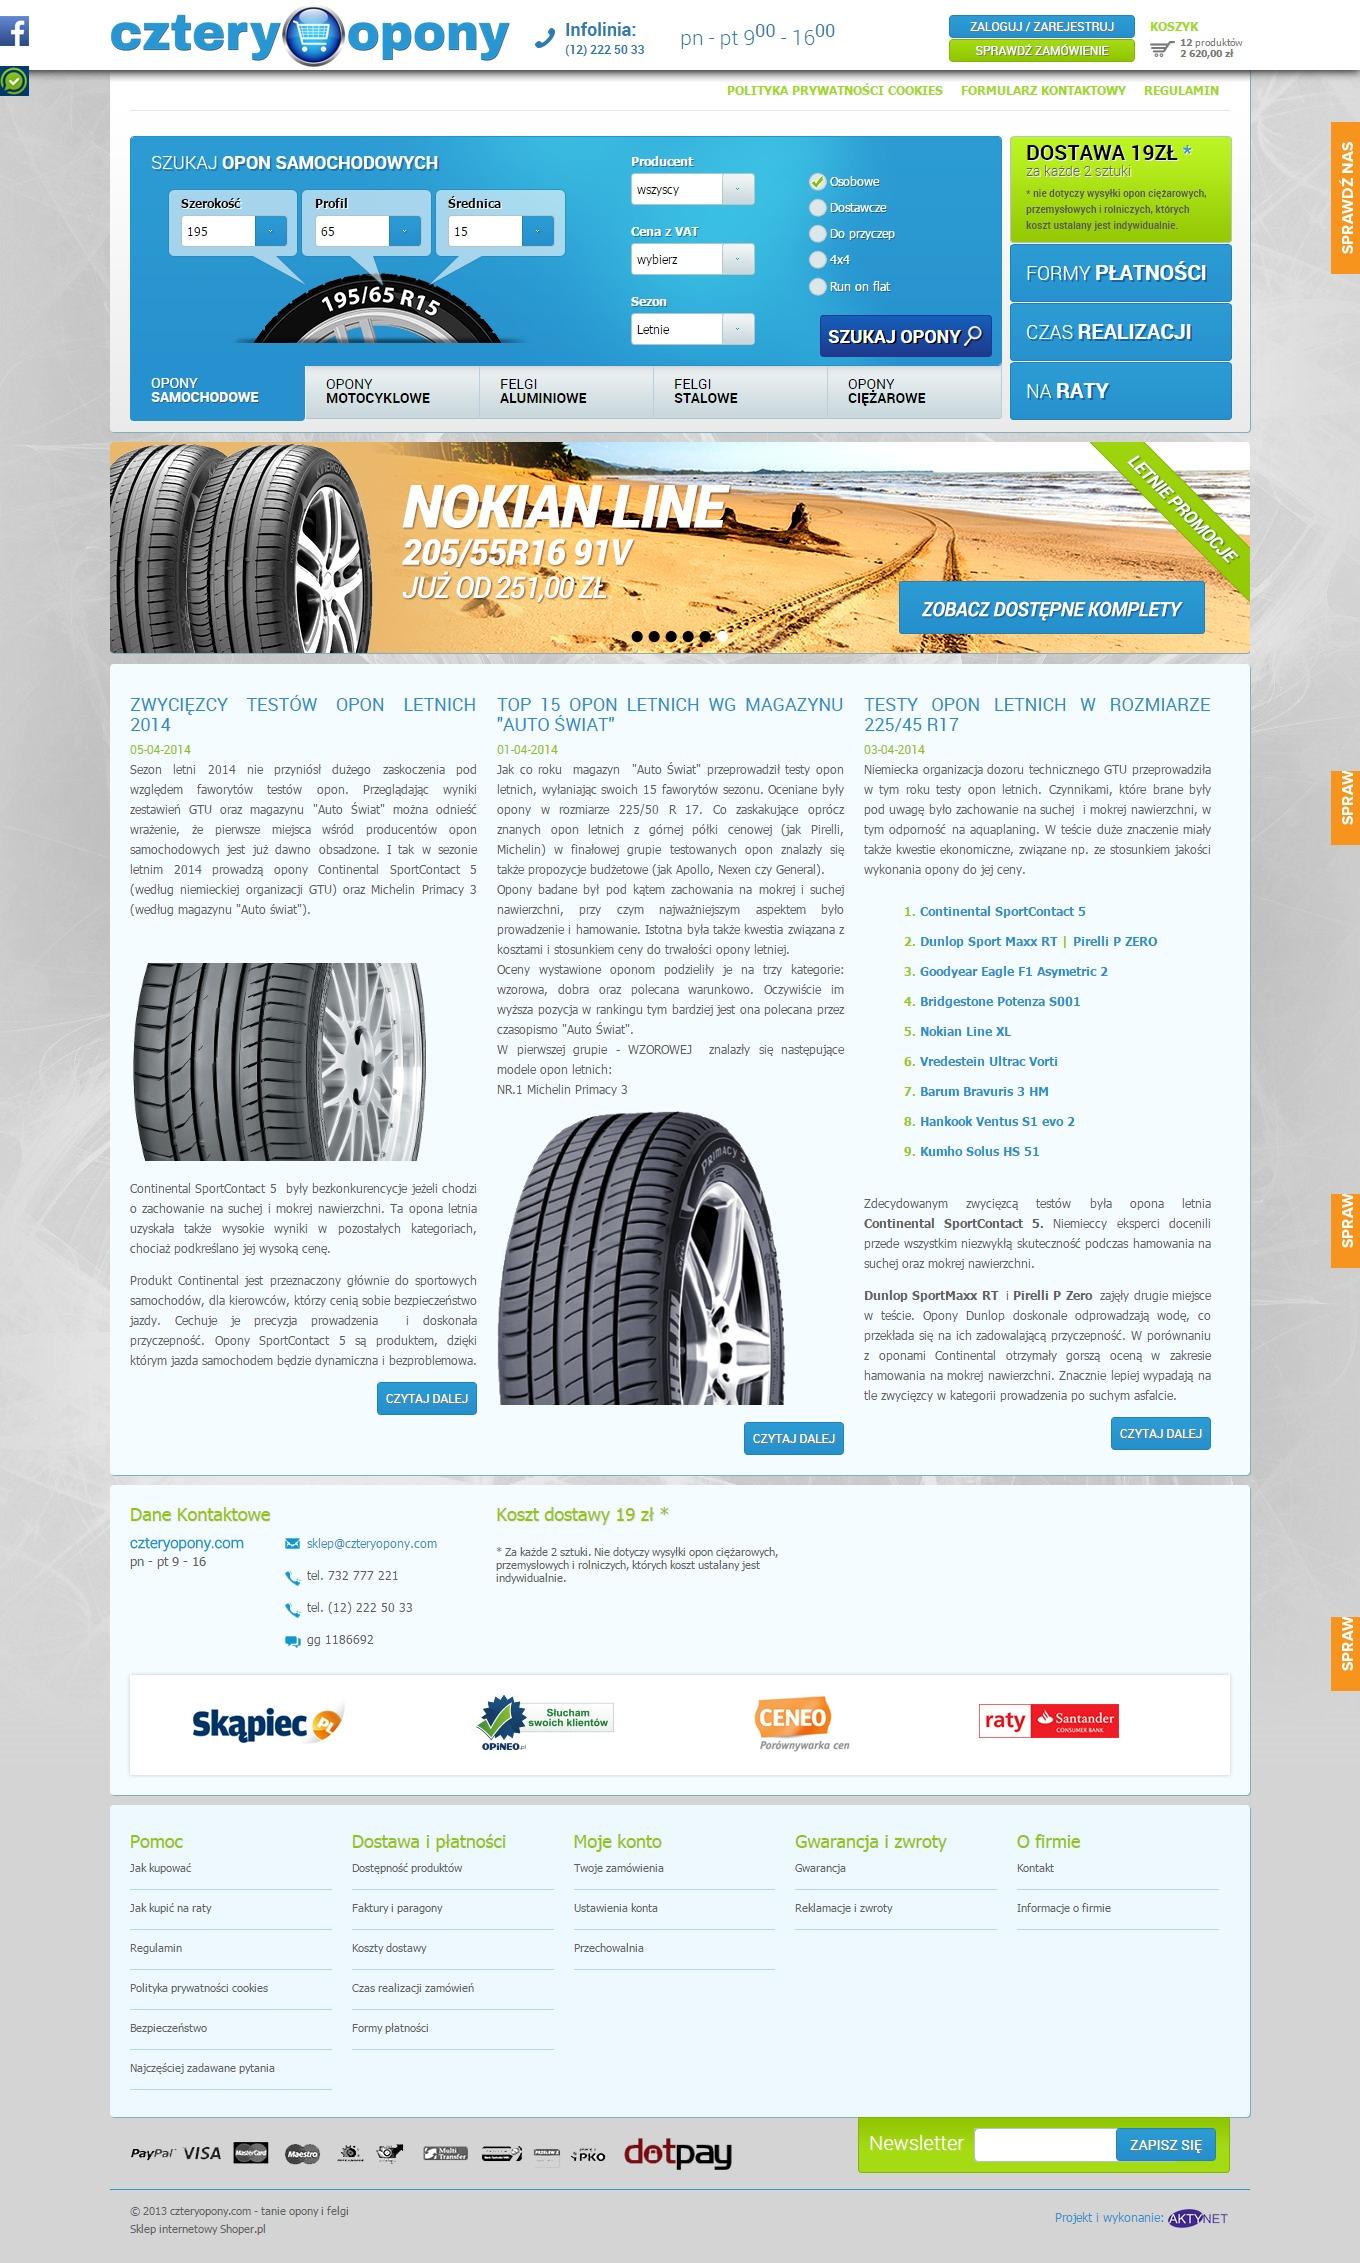 screenshot-www.czteryopony.com 2015-06-12 11-27-37